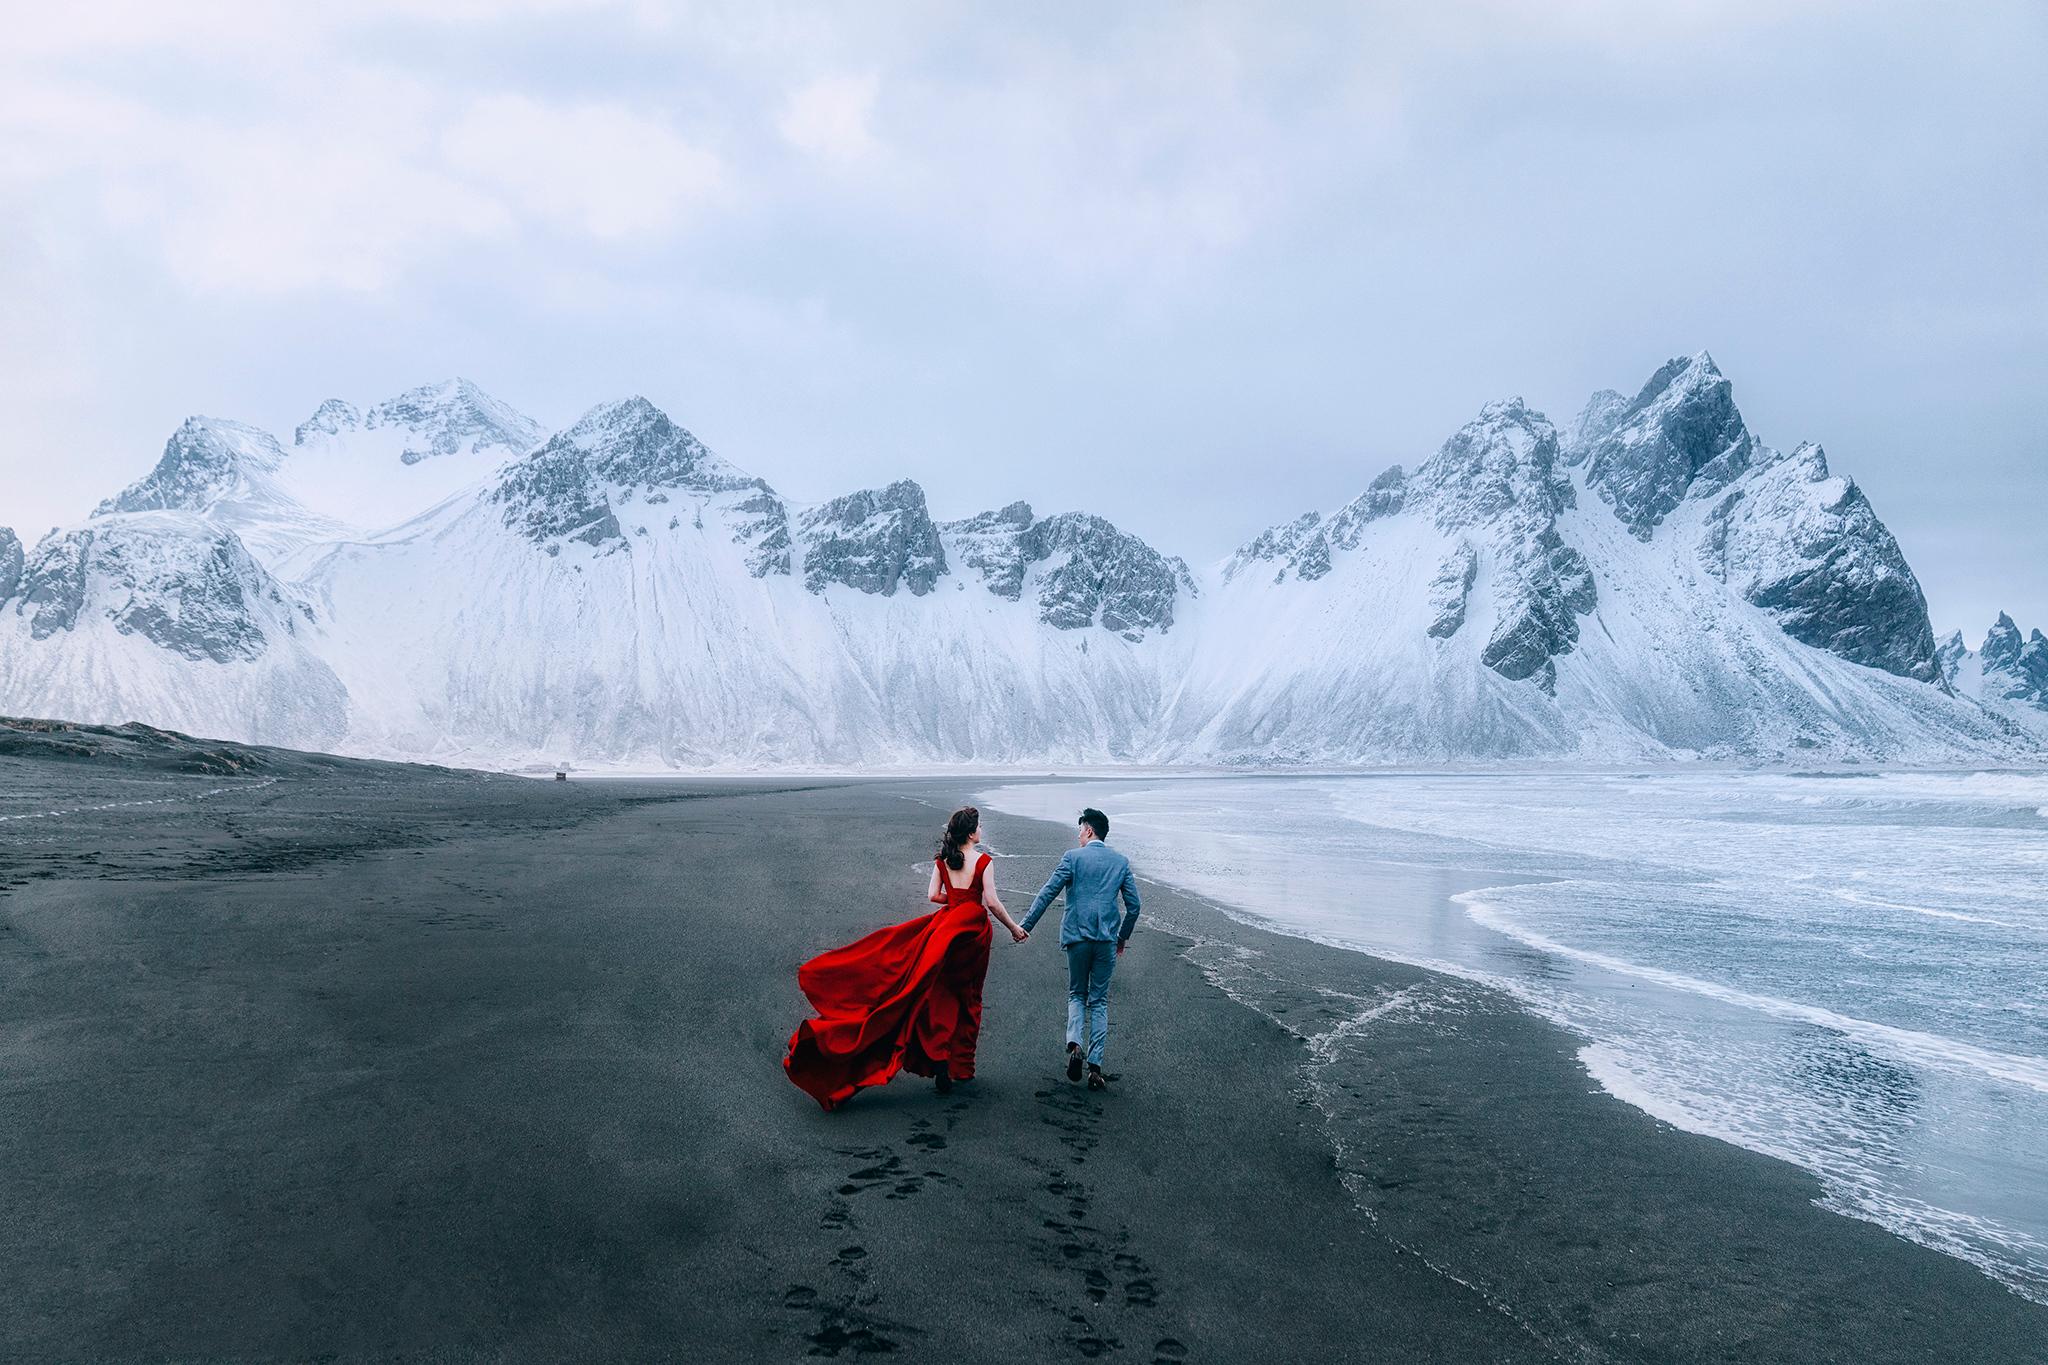 婚攝東法, Donfer, Donfer Photography, EASTERN WEDDING, Iceland, 冰島婚紗, 冰島, 北歐婚紗